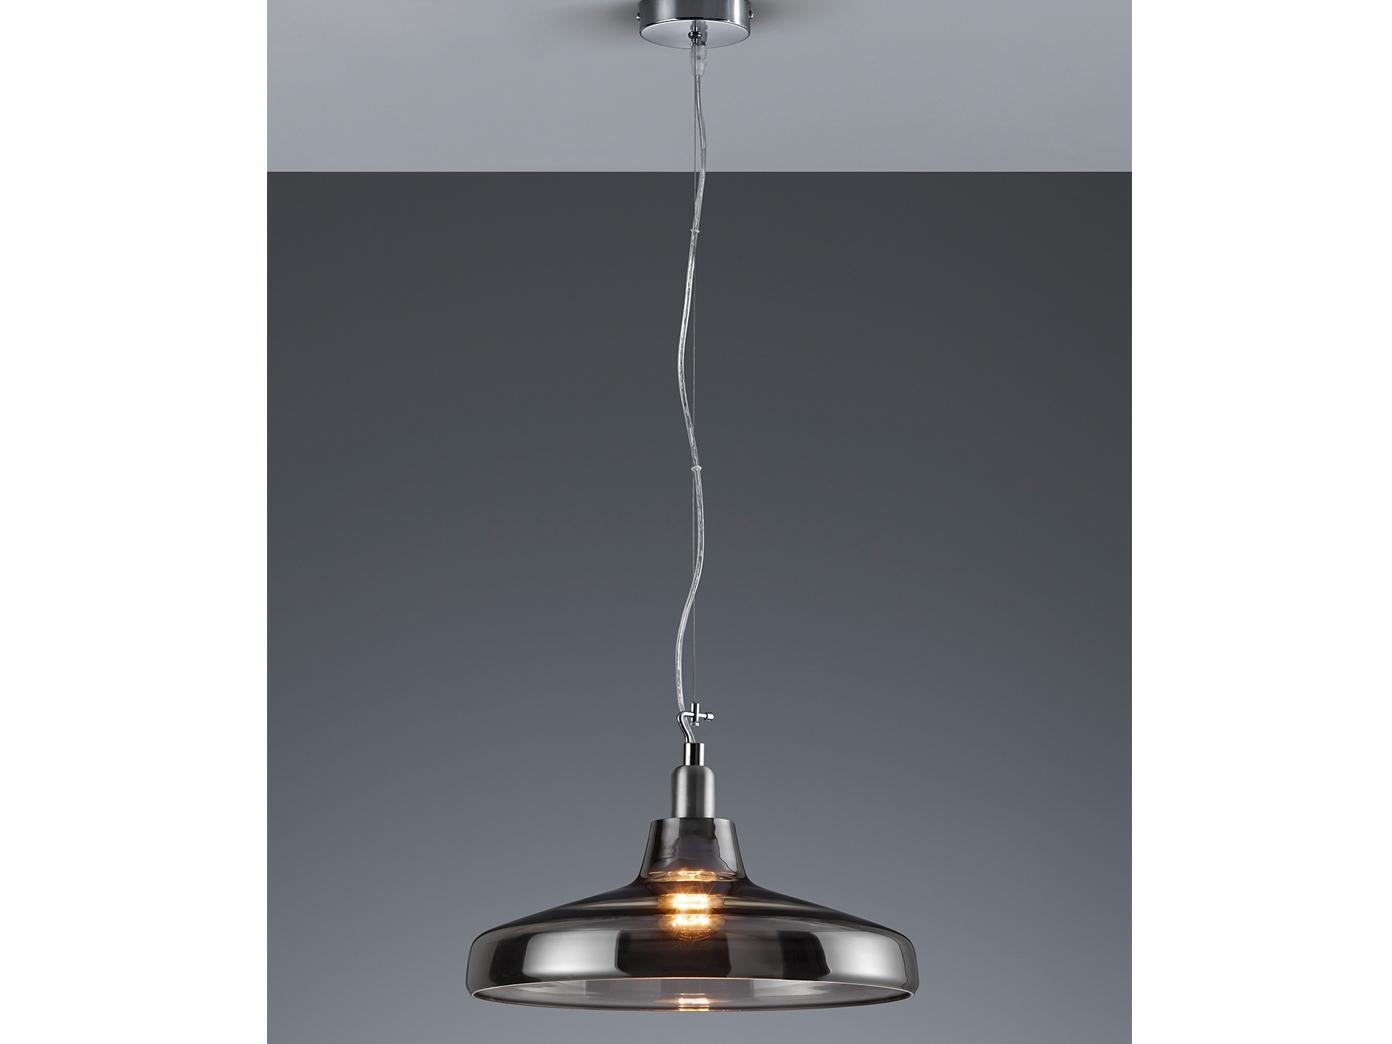 Hängeleuchte Glas rauchfarben, Ø 40cm, E27 max. 60W, Trio-Leuchten